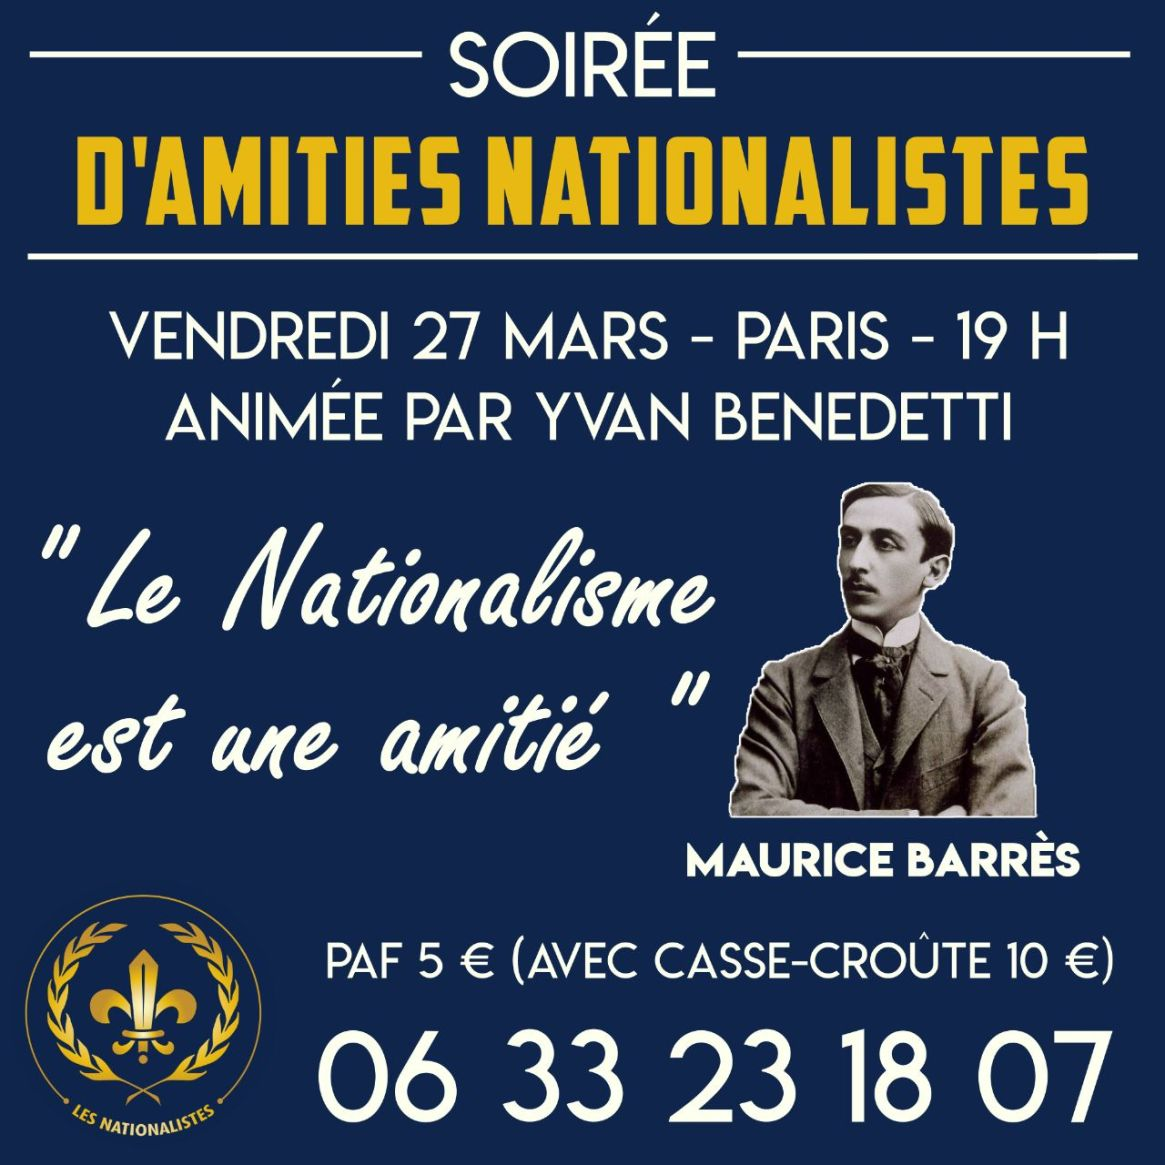 soirée-amitiés-nationalistes-27032020